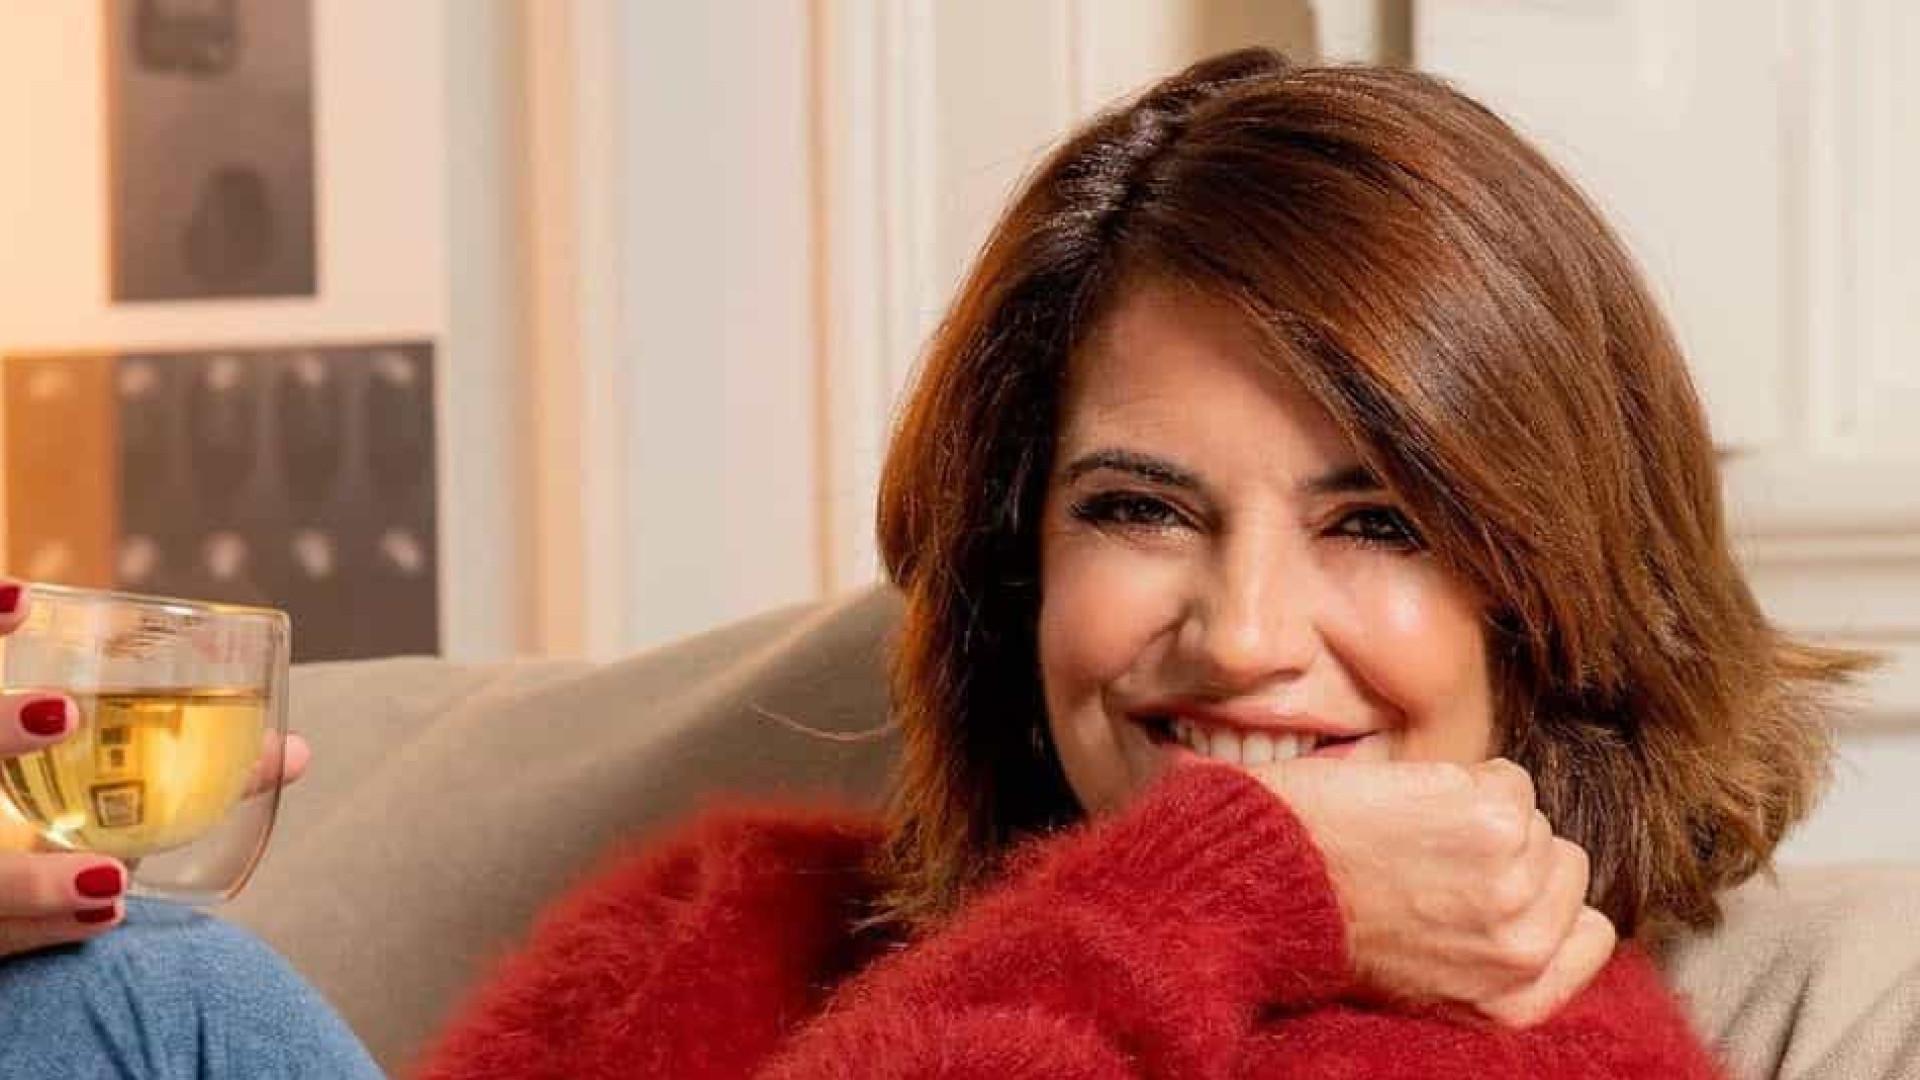 Bárbara Guimarães surpreendida pela filha com presente encantador